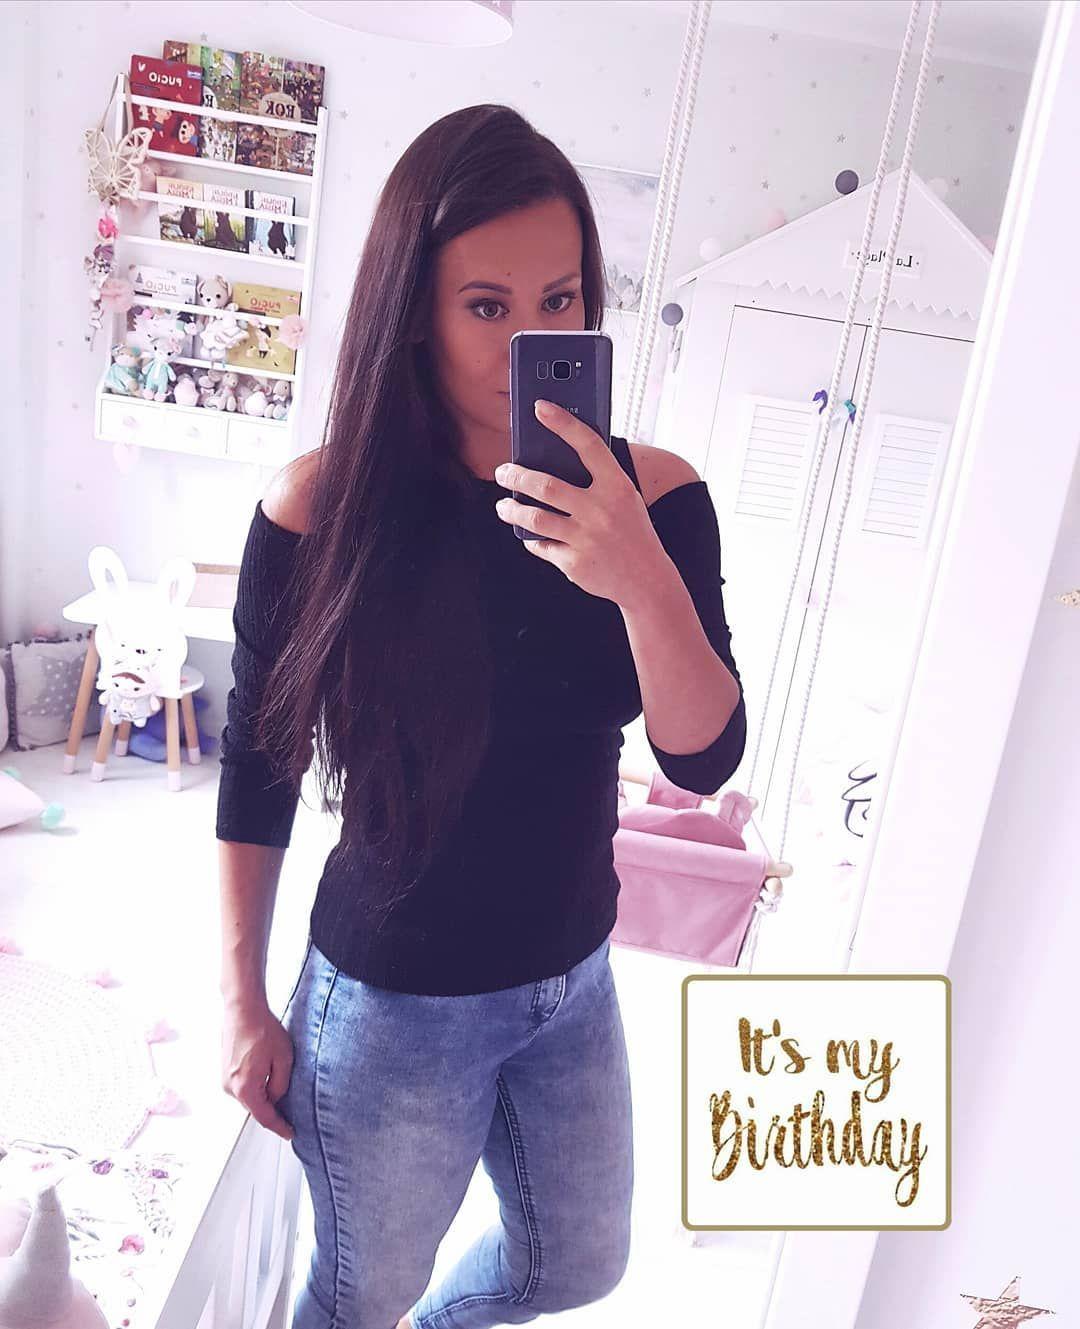 15.08. To już 32 lata  ale mogę śmiało powiedzieć że są to moje najpiękniejsze urodziny  Mam wspaniałego męża cudowną córeczkę i ukochanego syncia.  Dzisiaj śmigamy na wieś miejsce które kocham tak bardzo że chętnie bym tam zamieszkała a Wam życzę miłego dnia     #birthday #32lata #32urodziny #selfie #pociąży #postpartum #longhair #figura #odchudzanie #zrzucamykilogramy #momof2 #momoftwo #jeans #odchudzamsie #fit #fitgirl #odchudzaniepociazy #slimmingworld #fitnessmotivation #motywacja #ciąża201